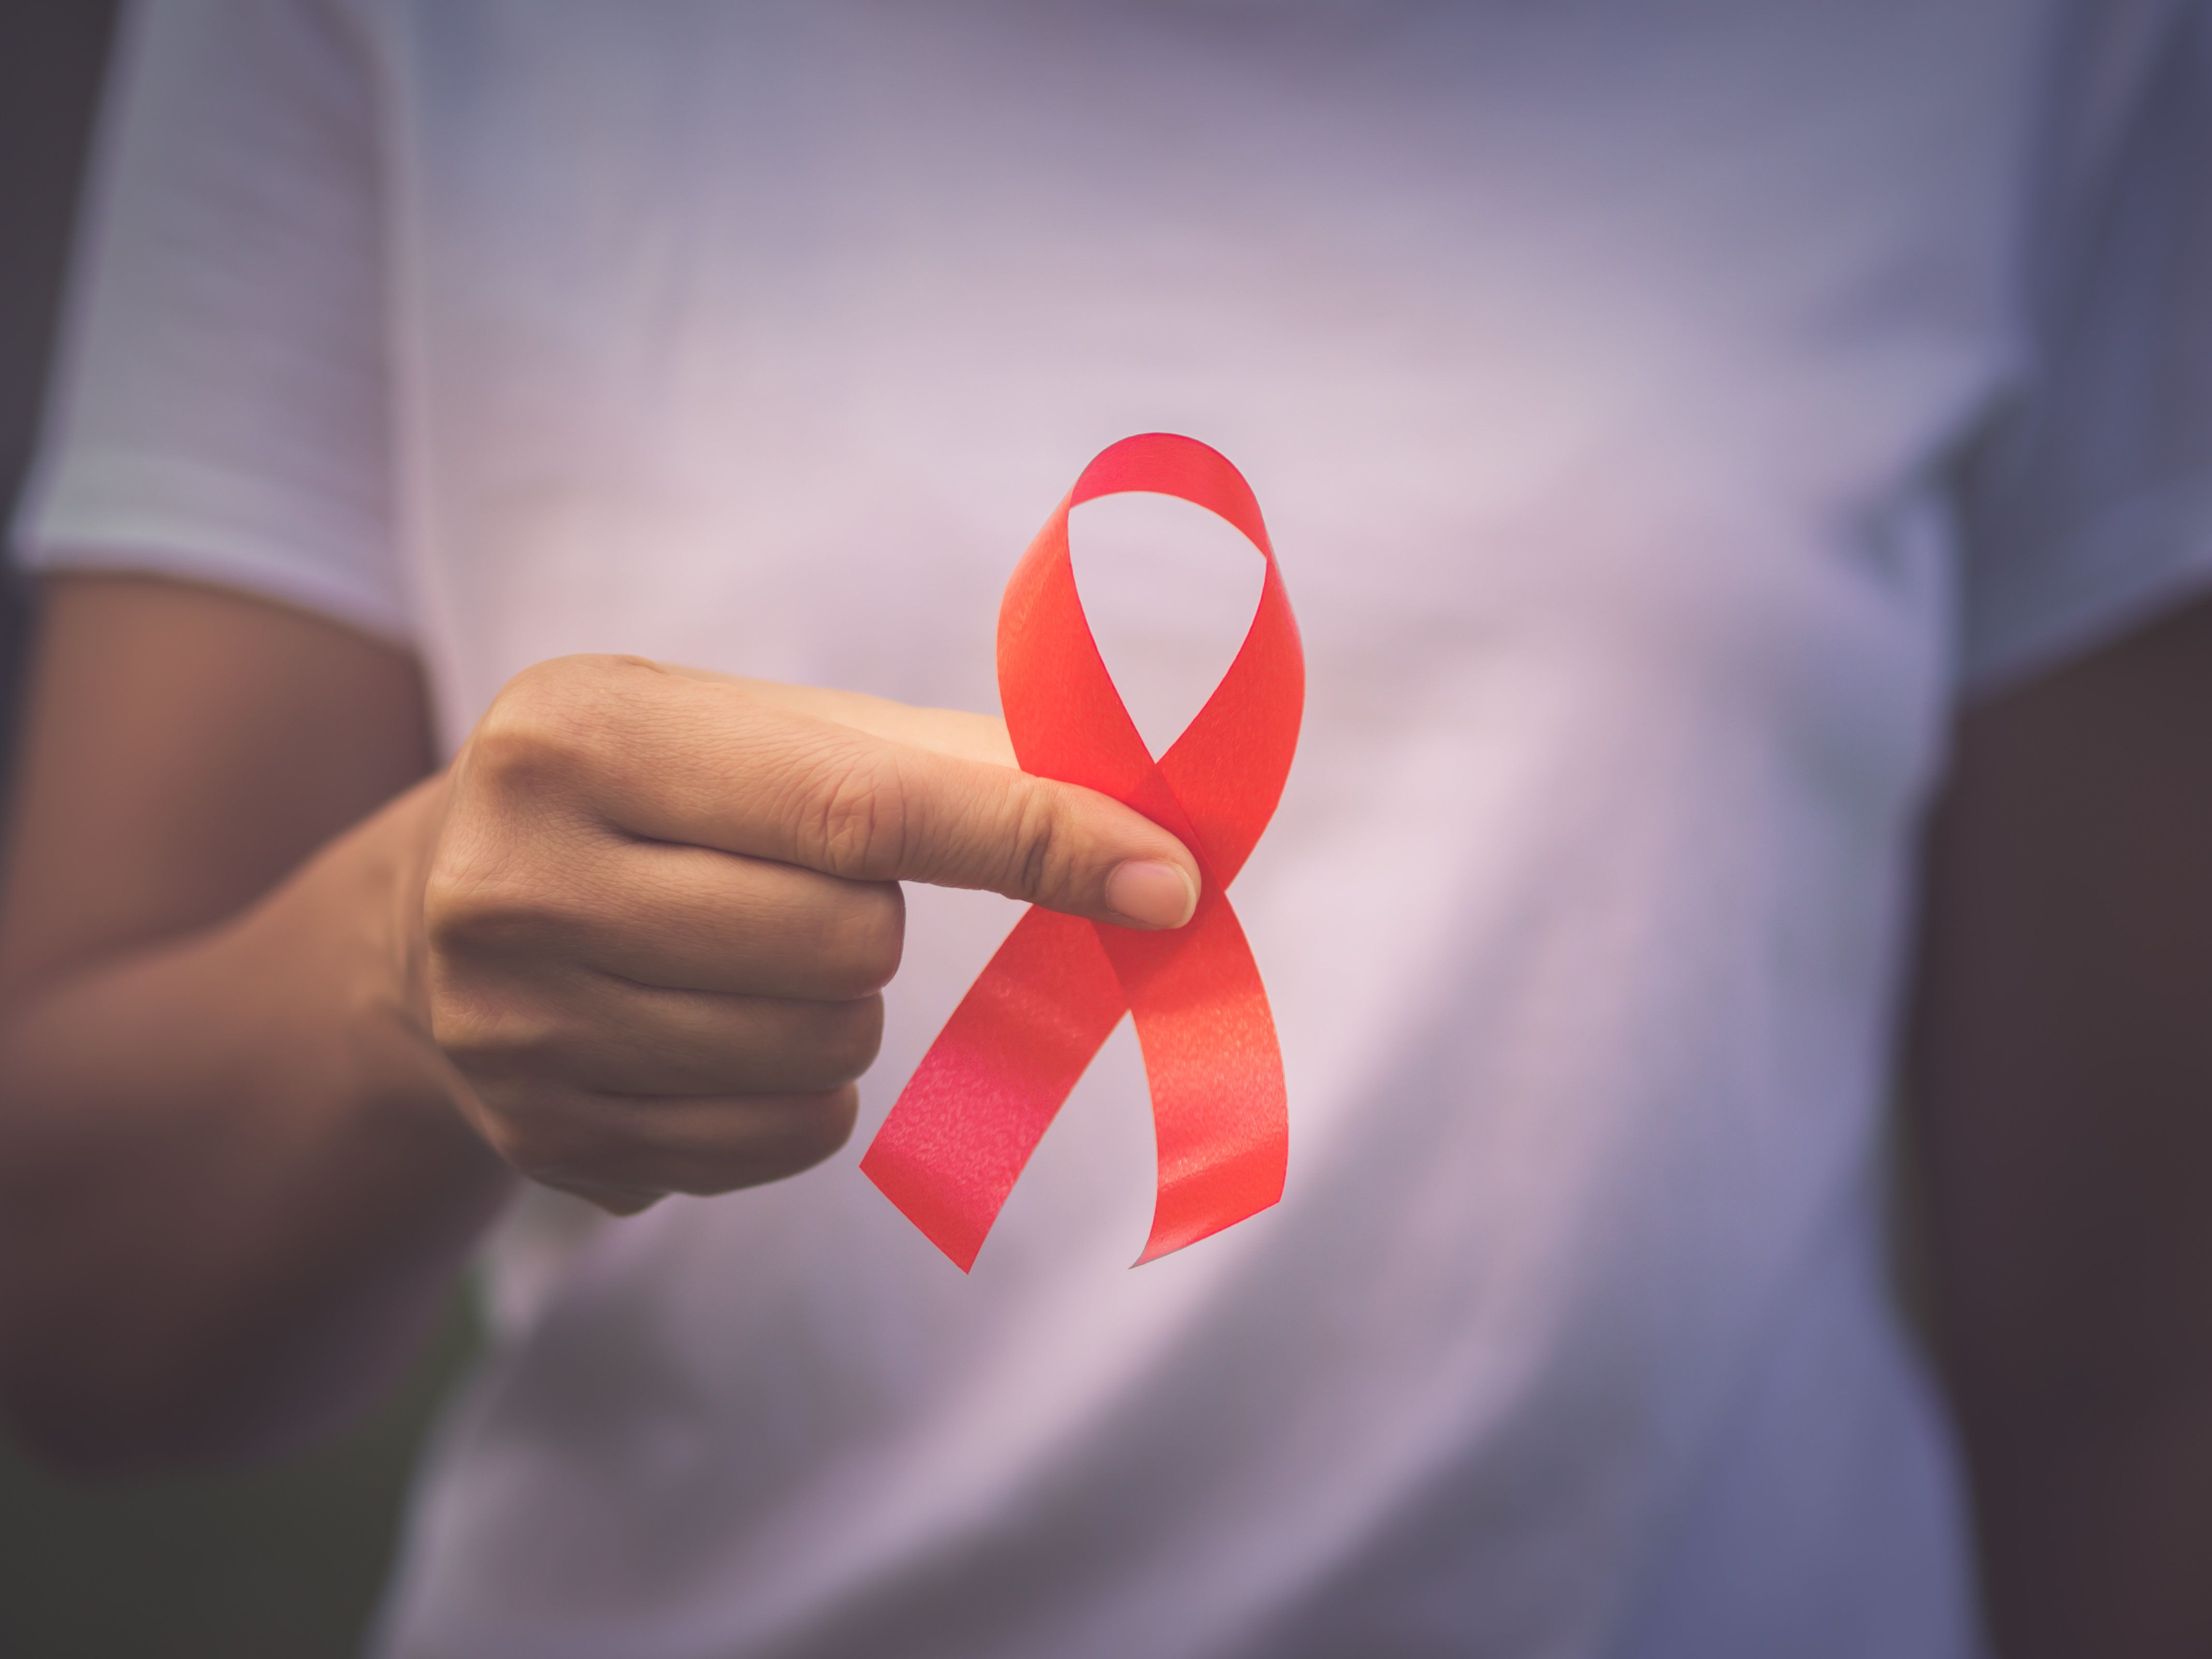 ΟΗΕ: Επικίνδυνος ο εφησυχασμός για την την αντιμετώπιση του AIDS και του